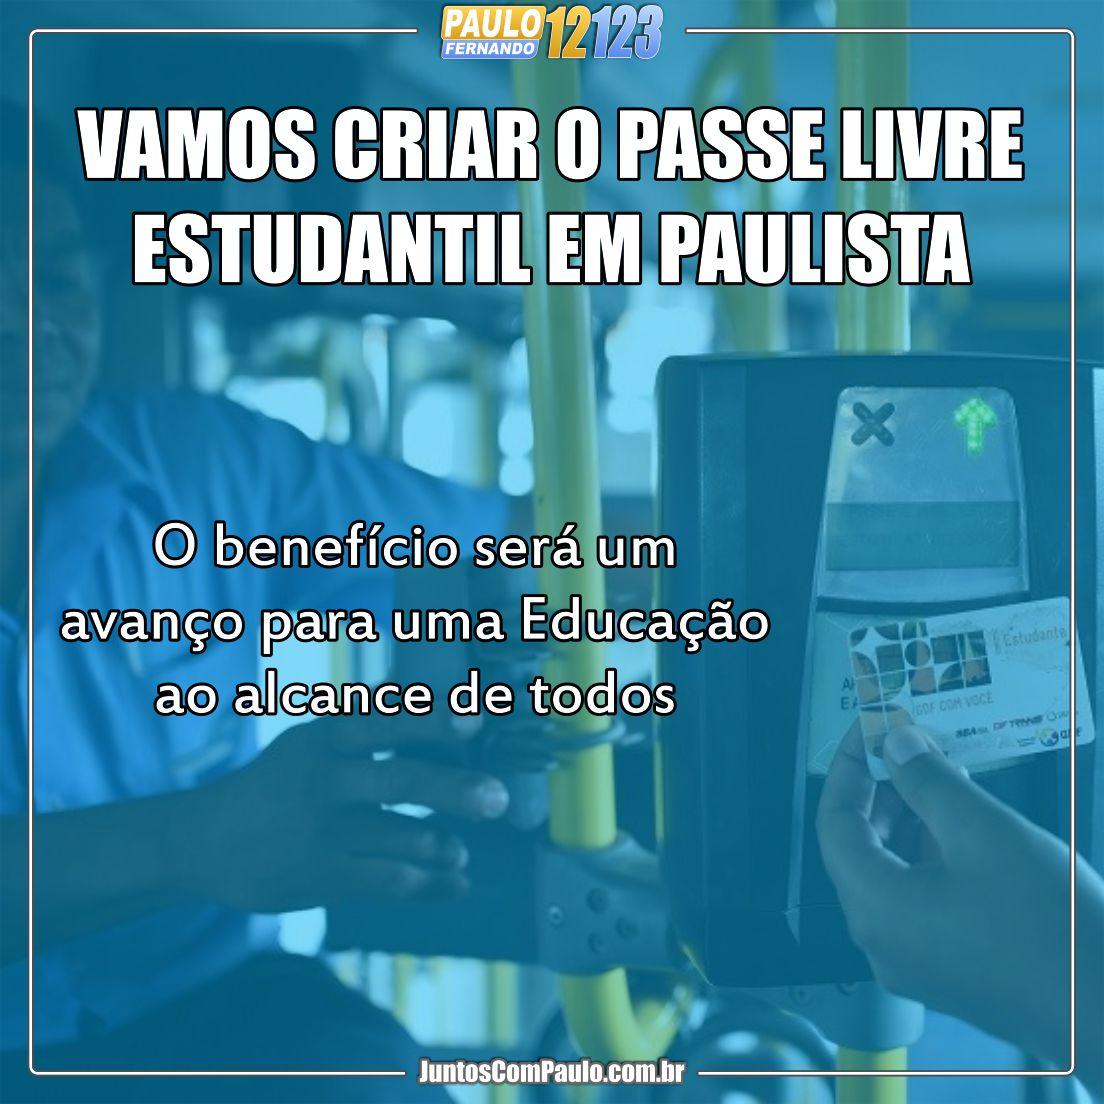 Passe livre para estudantes da rede municipal de educação do Paulista